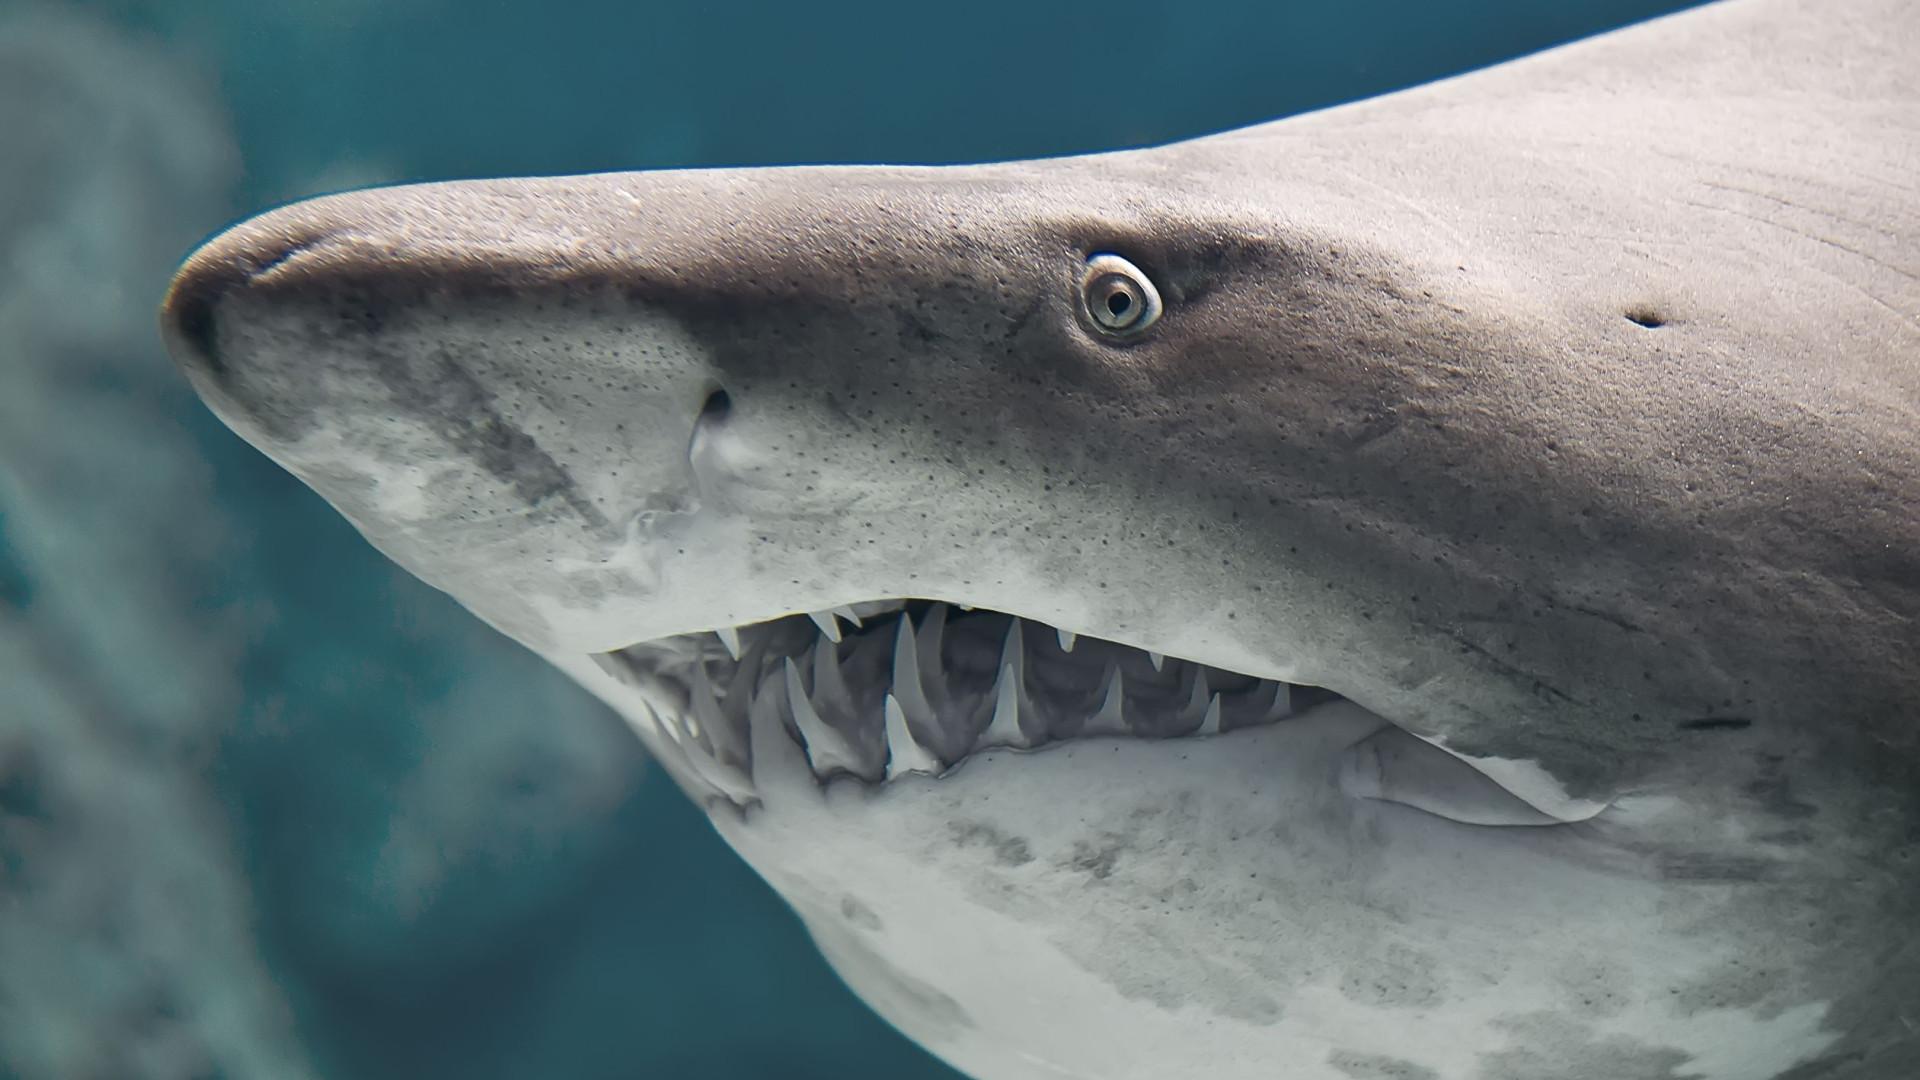 Homem sobrevive a ataque de tubarão em praia de nudistas na Austrália